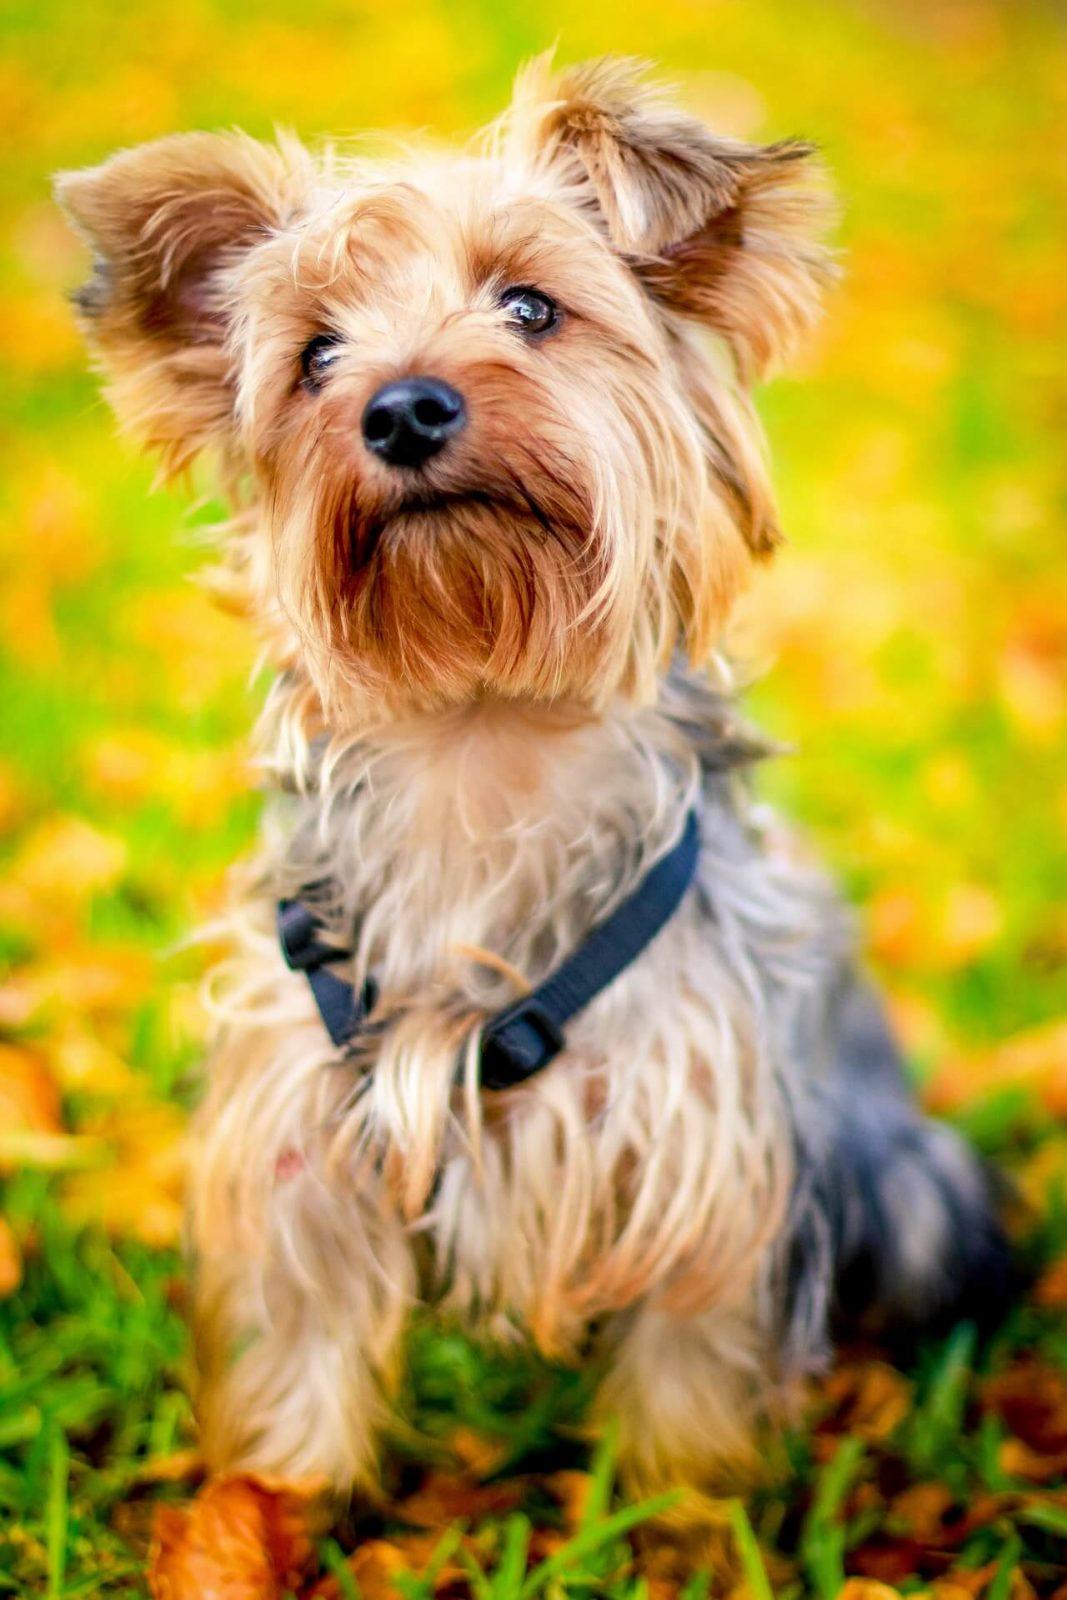 comportementaliste canin à domicile